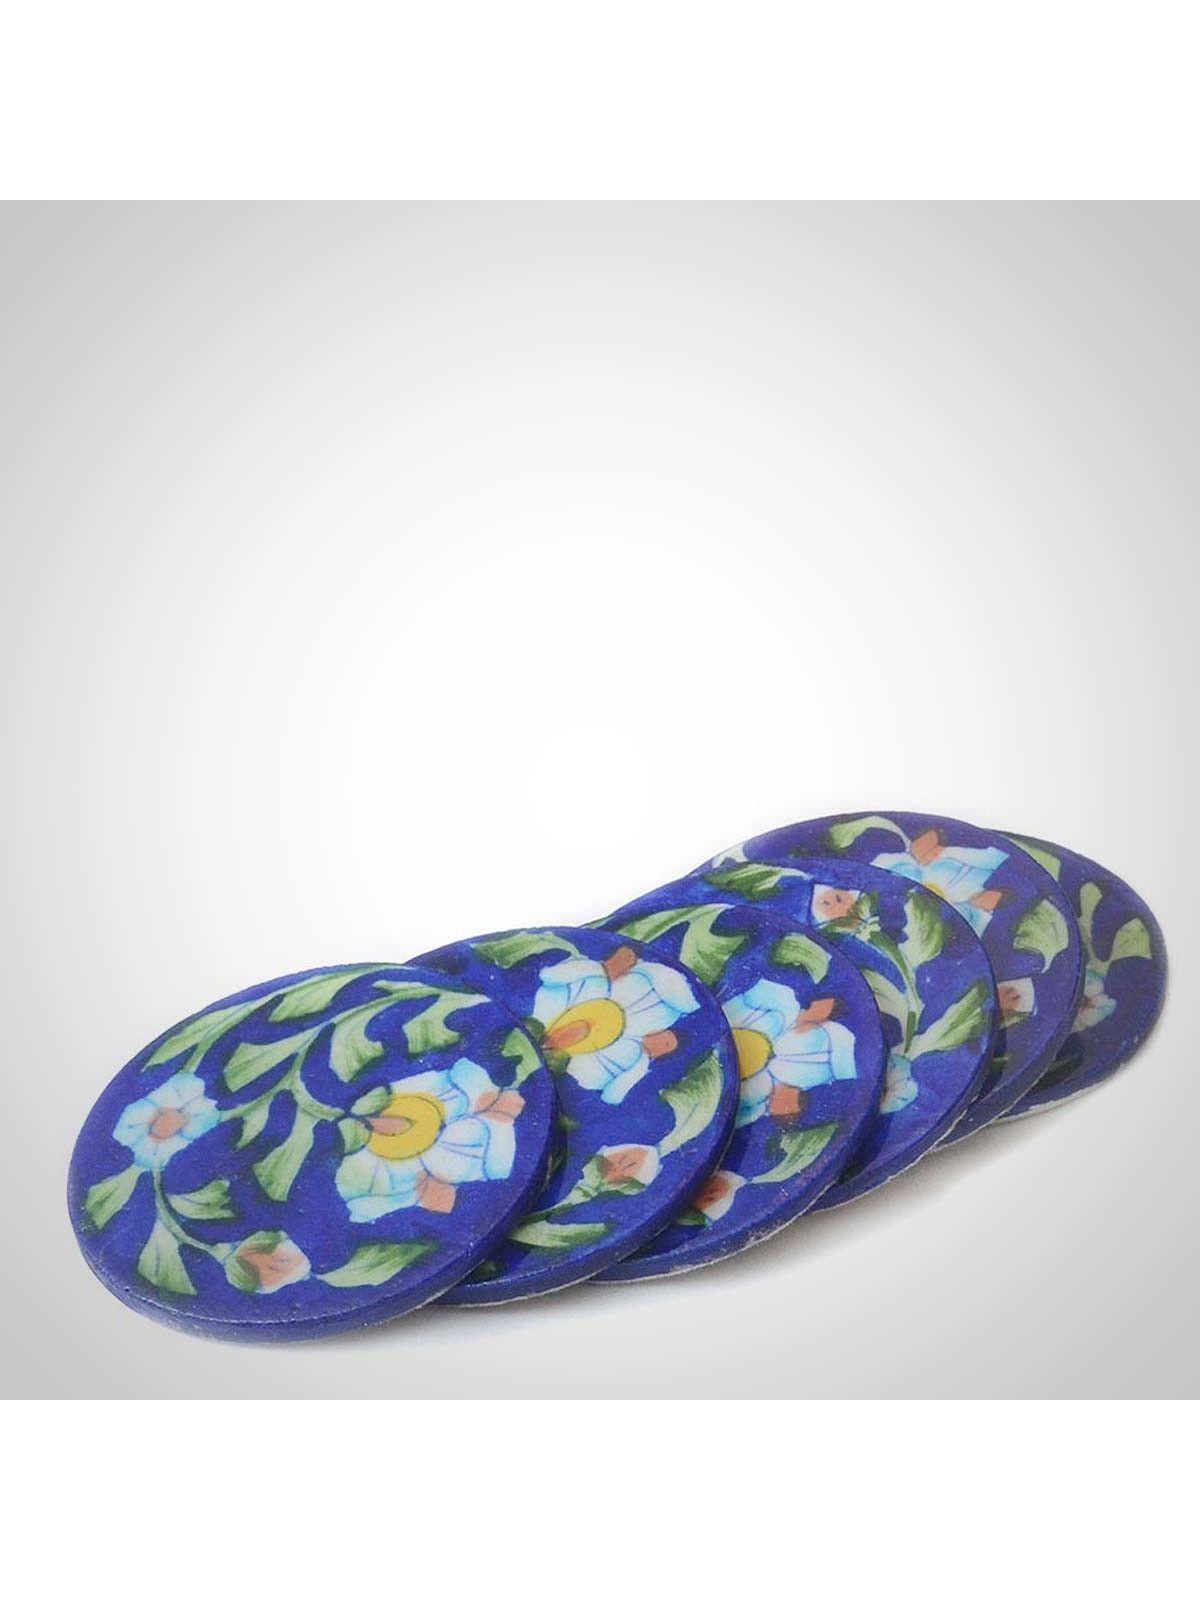 Dark Blue Ceramic Coasters - Set of Six - 3.5 Inches Diameter